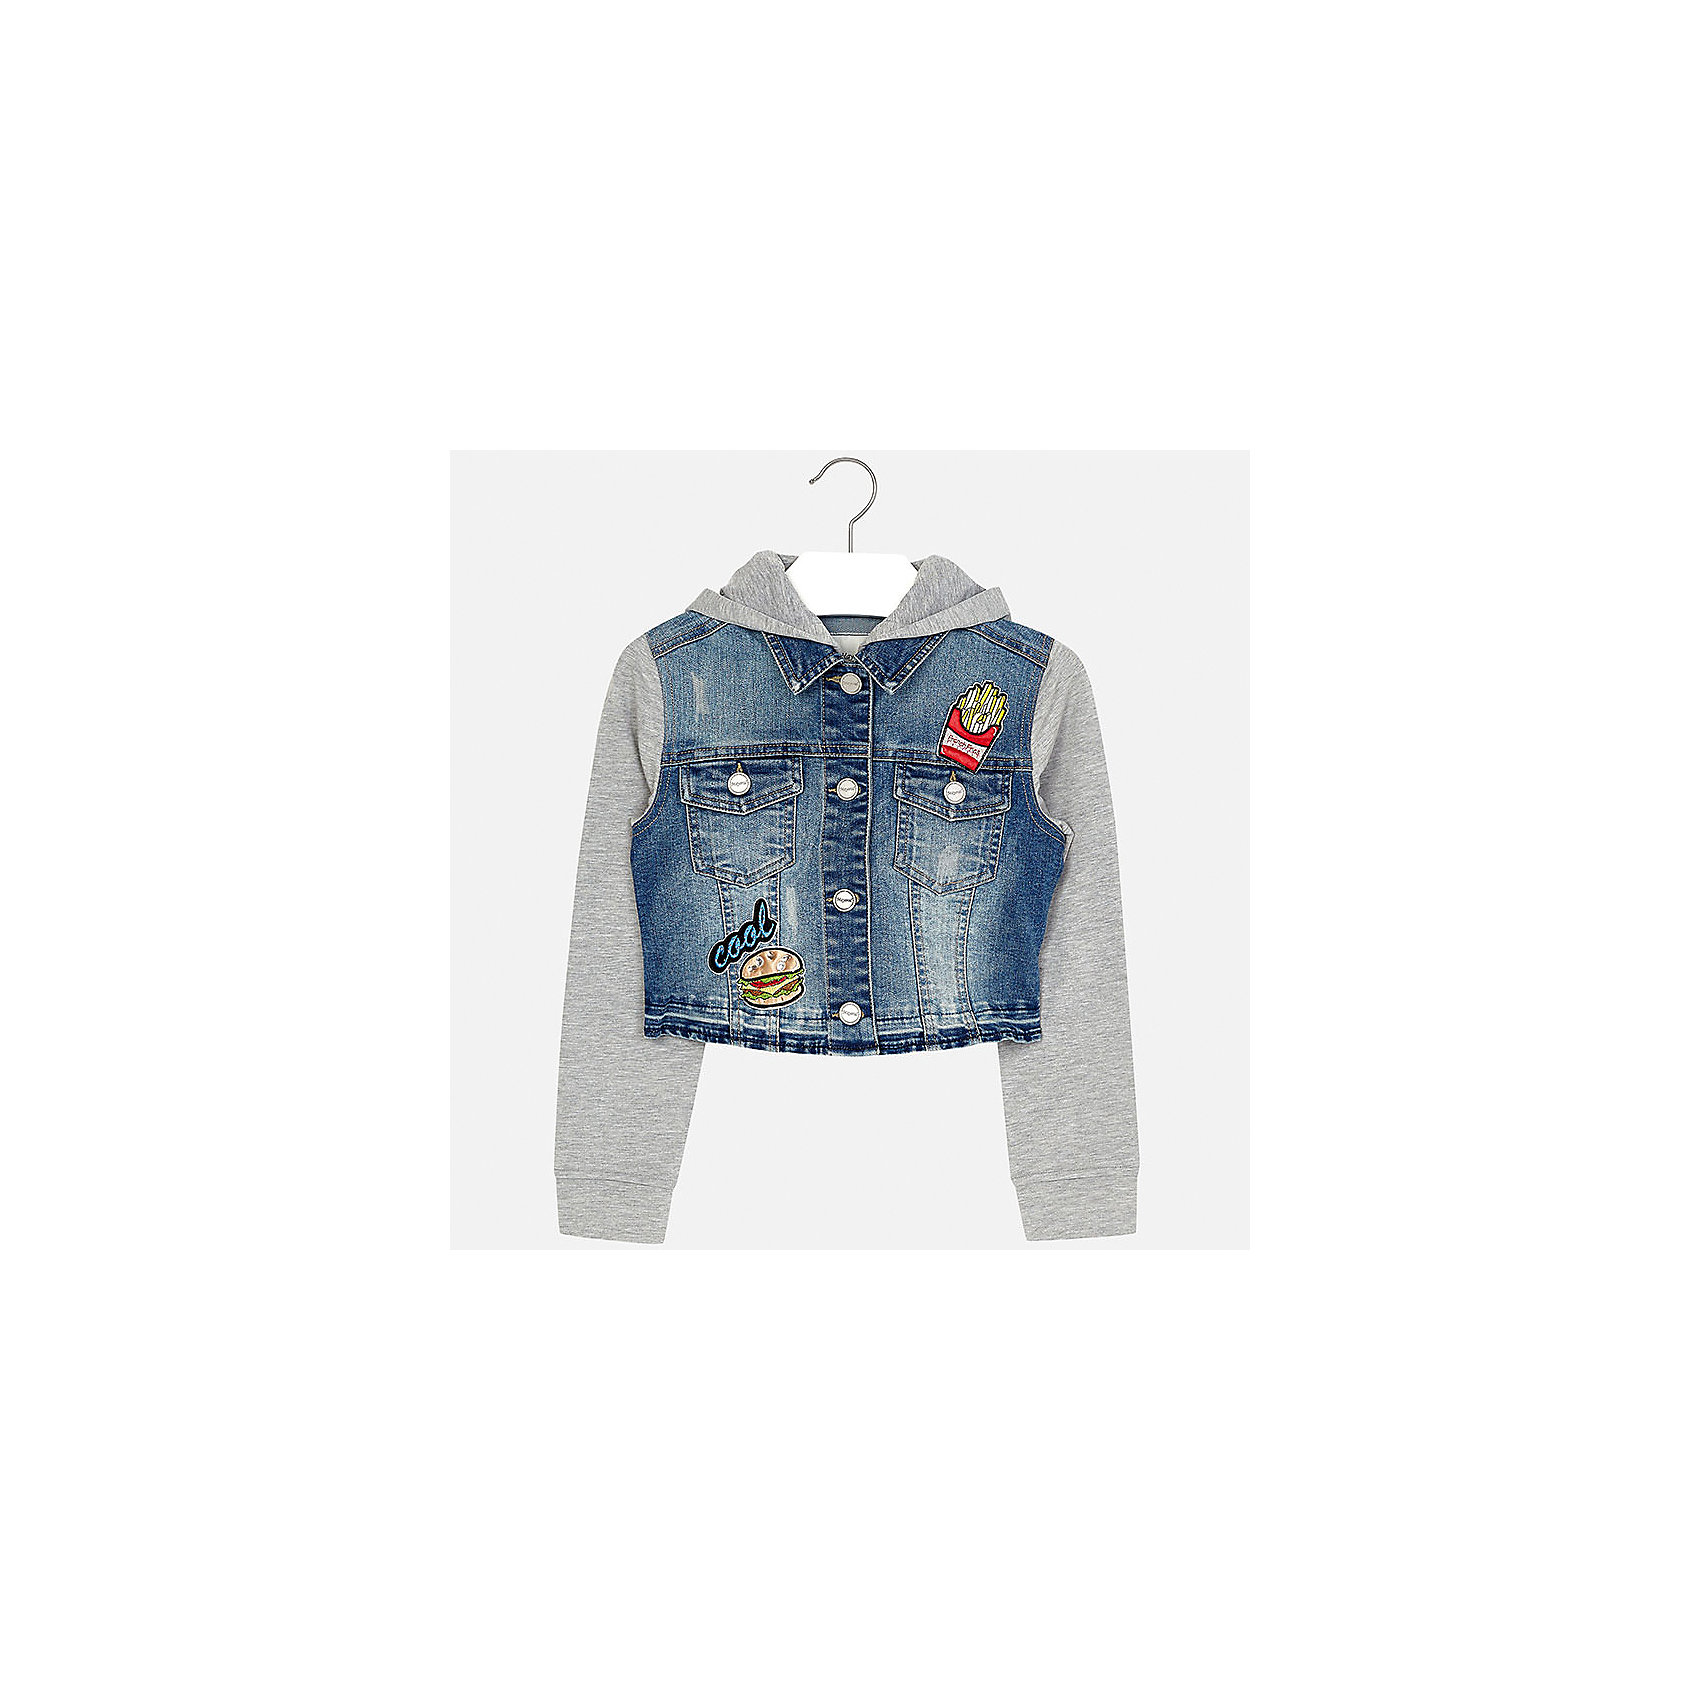 Куртка для девочки MayoralДжинсовая одежда<br>Характеристики товара:<br><br>• цвет: синий/серый<br>• состав: 81% хлопок, 17% полиэстер, 2% эластан<br>• температурный режим: от +15°до +10°С<br>• пуговицы<br>• карманы<br>• капюшон<br>• эффект потертости<br>• страна бренда: Испания<br><br>Очень стильная куртка для девочки поможет разнообразить гардероб ребенка и украсить наряд. Он отлично сочетается и с юбками, и с брюками. Универсальный цвет позволяет подобрать к вещи низ различных расцветок. Интересная отделка модели делает её нарядной и оригинальной.<br><br>Одежда, обувь и аксессуары от испанского бренда Mayoral полюбились детям и взрослым по всему миру. Модели этой марки - стильные и удобные. Для их производства используются только безопасные, качественные материалы и фурнитура. Порадуйте ребенка модными и красивыми вещами от Mayoral! <br><br>Куртку для девочки от испанского бренда Mayoral (Майорал) можно купить в нашем интернет-магазине.<br><br>Ширина мм: 356<br>Глубина мм: 10<br>Высота мм: 245<br>Вес г: 519<br>Цвет: голубой<br>Возраст от месяцев: 168<br>Возраст до месяцев: 180<br>Пол: Женский<br>Возраст: Детский<br>Размер: 170,128/134,140,152,158,164<br>SKU: 5292884